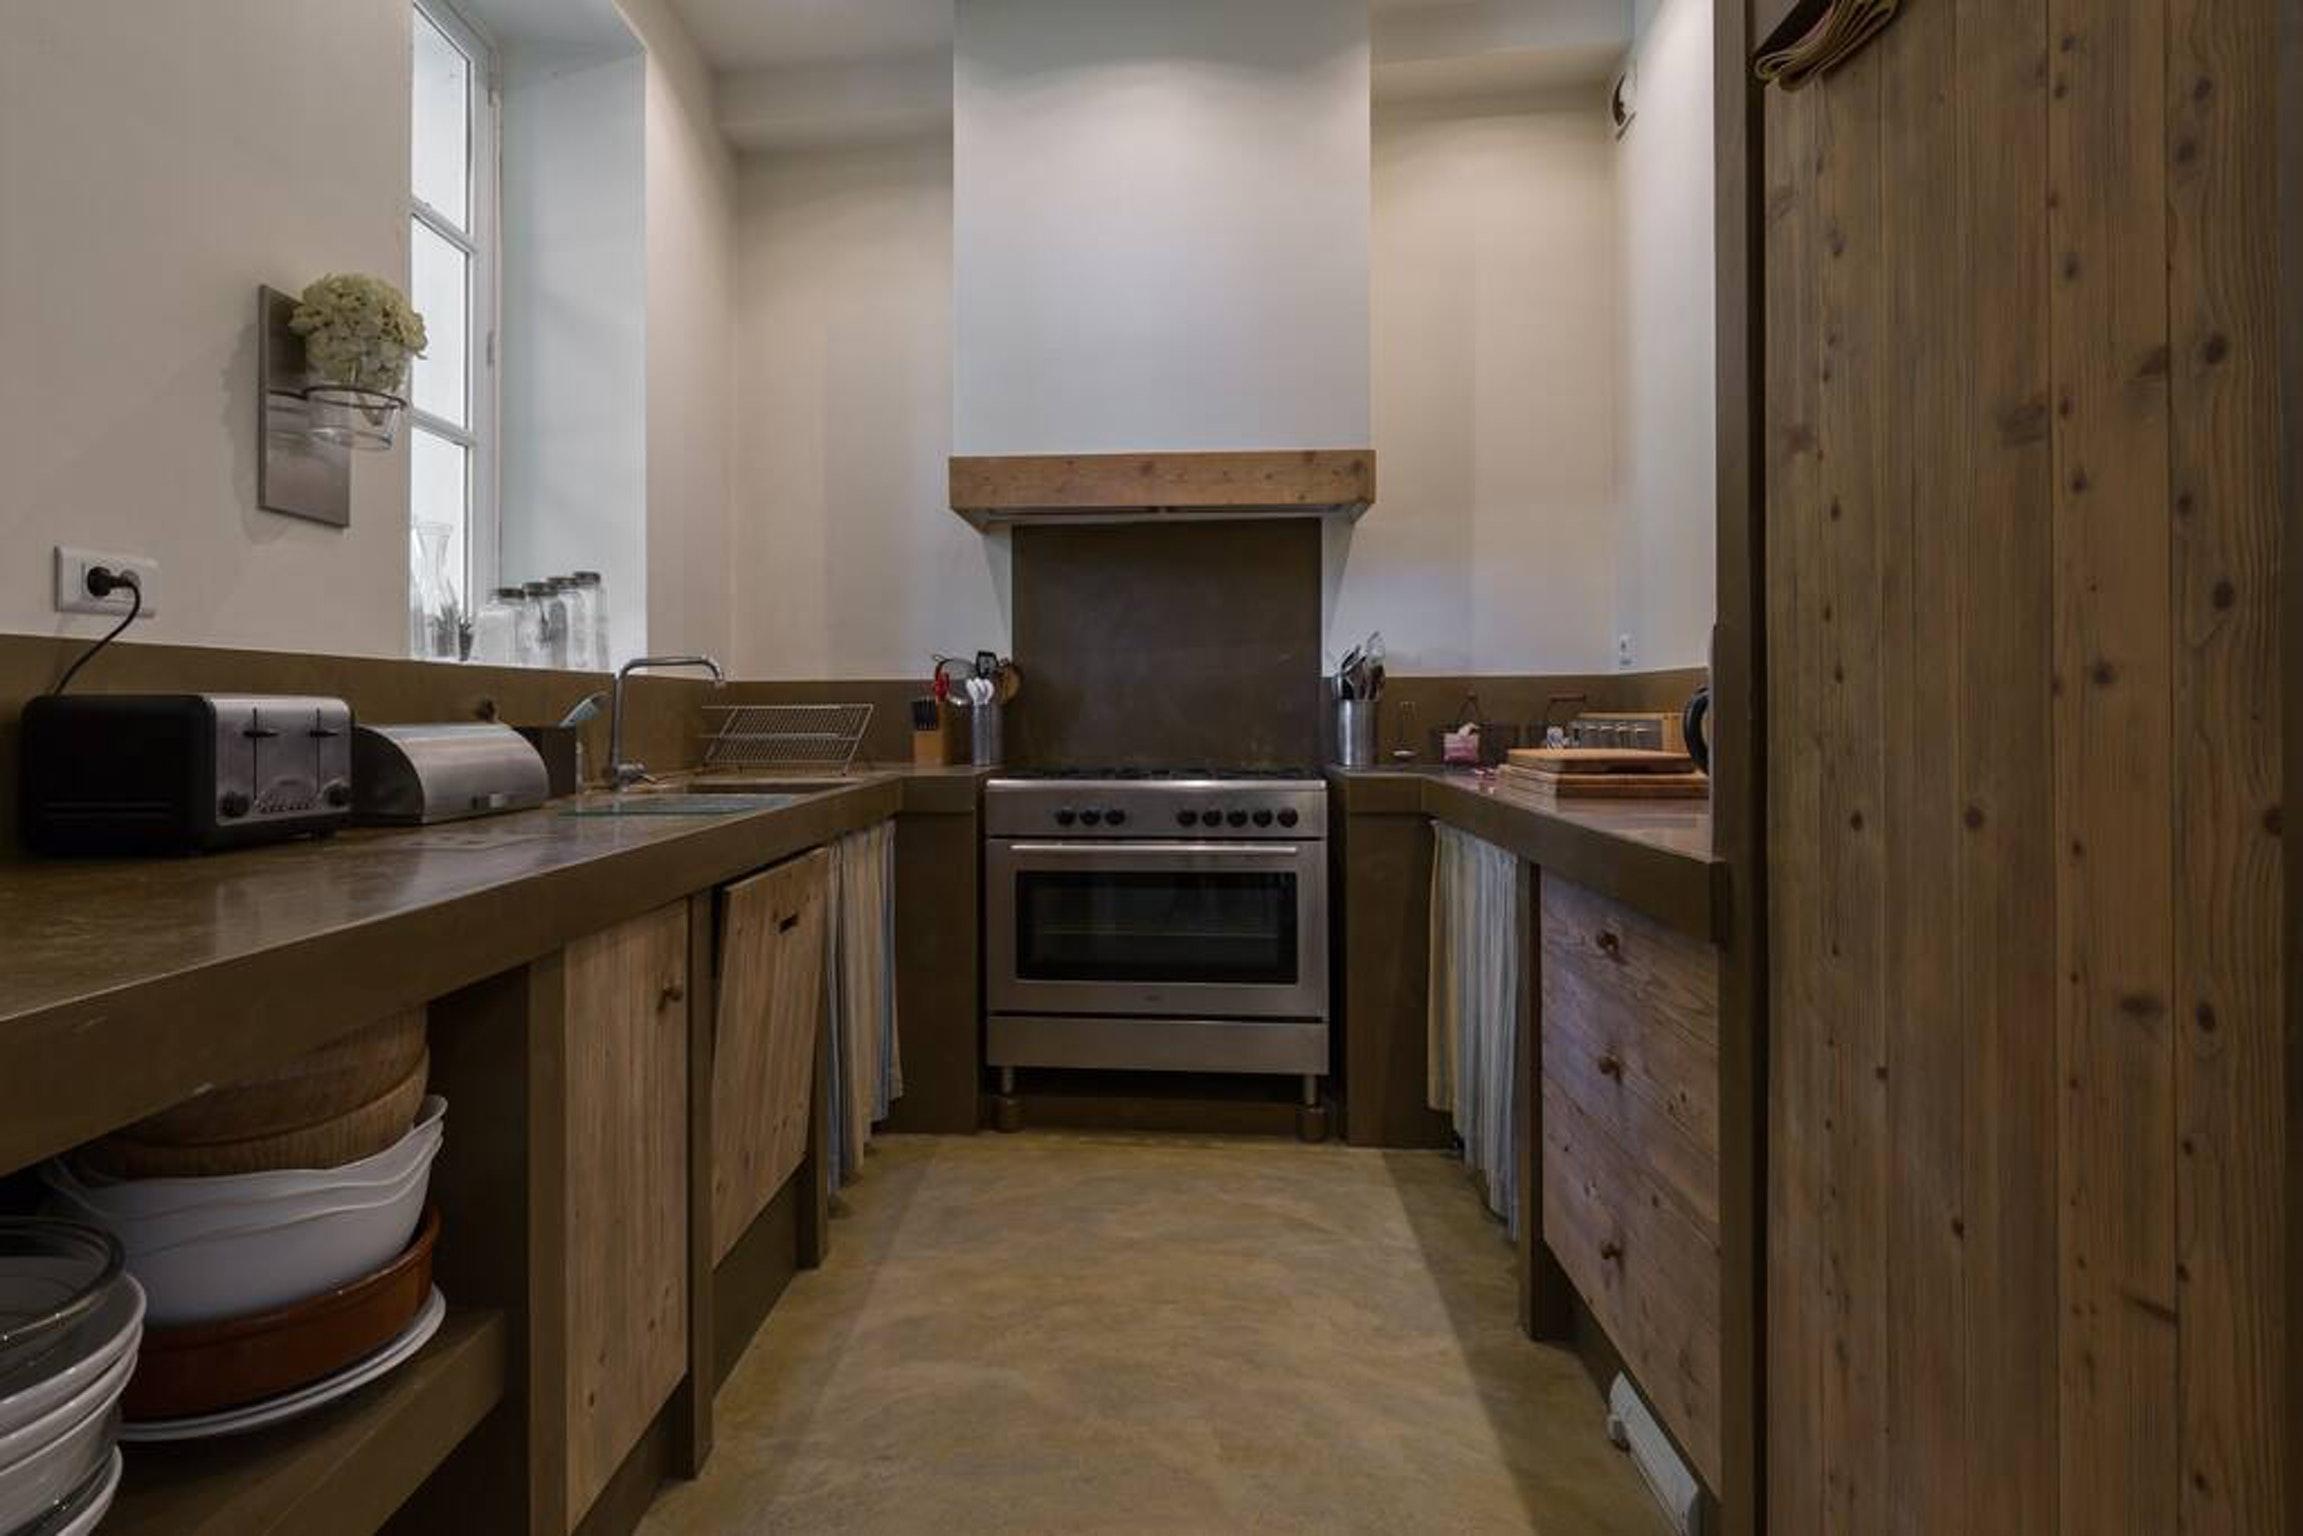 Maison de vacances Villa mit 6 Schlafzimmern in L'Isle-sur-la-Sorgue mit privatem Pool, möbliertem Garten und (2647203), L'Isle sur la Sorgue, Vaucluse, Provence - Alpes - Côte d'Azur, France, image 4